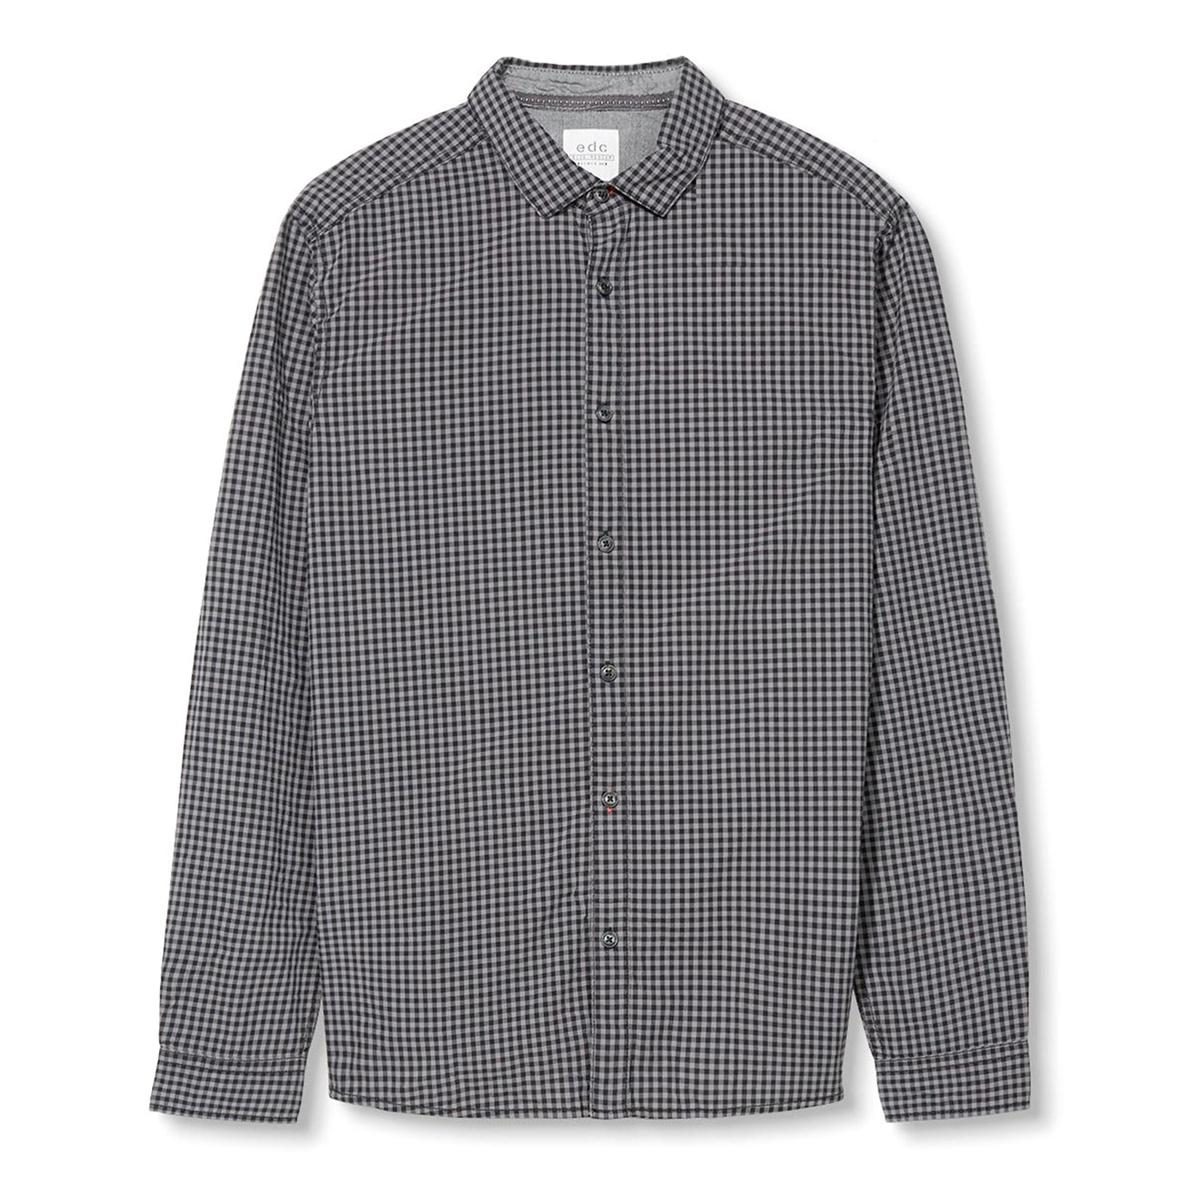 Рубашка в клетку, 100% хлопкаСостав и описание:Материал: 100% хлопка.Марка: ESPRIT.<br><br>Цвет: в клетку черный